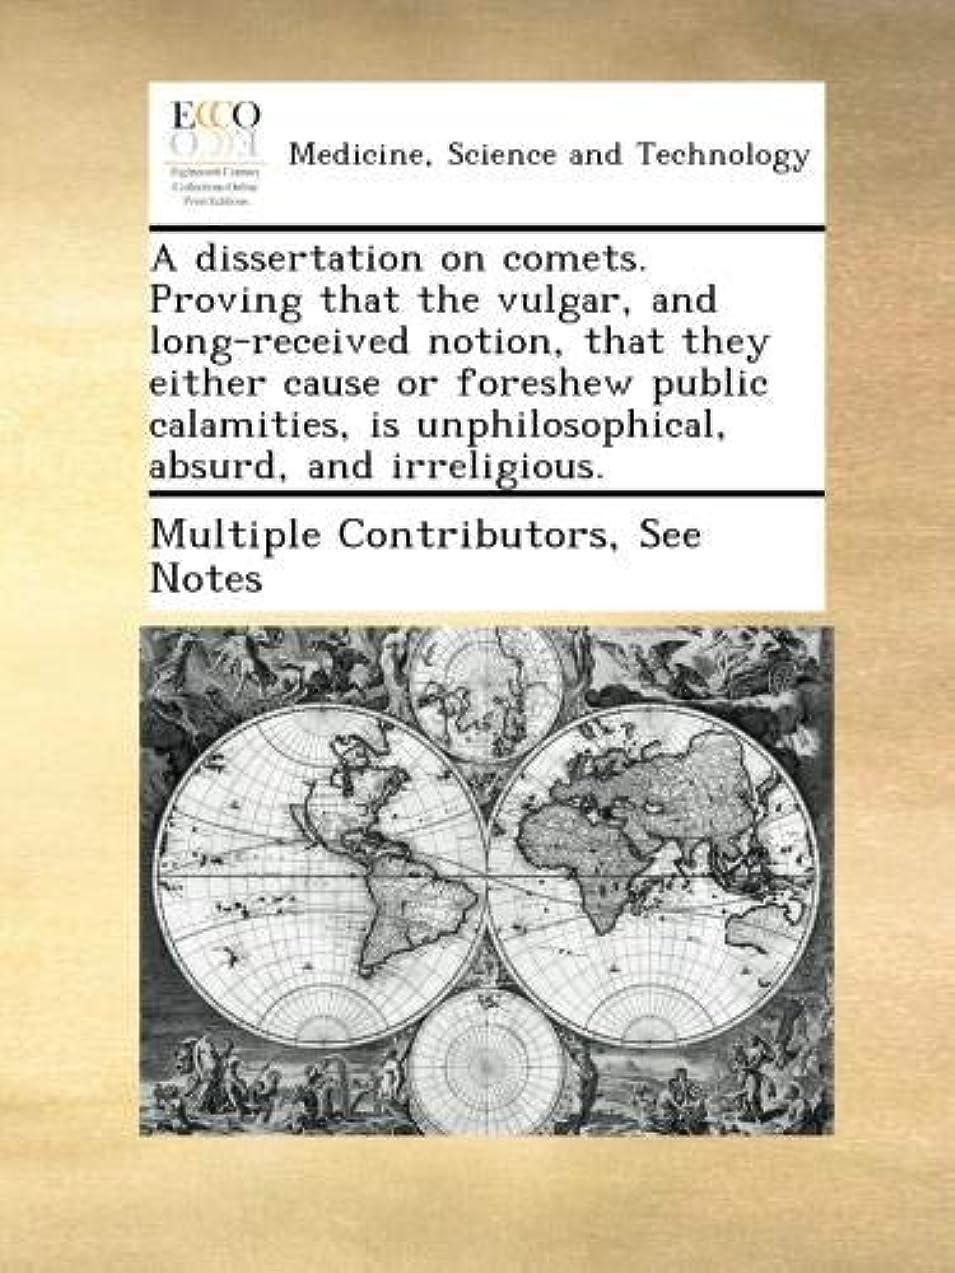 ガジュマル国内の受粉者A dissertation on comets. Proving that the vulgar, and long-received notion, that they either cause or foreshew public calamities, is unphilosophical, absurd, and irreligious.